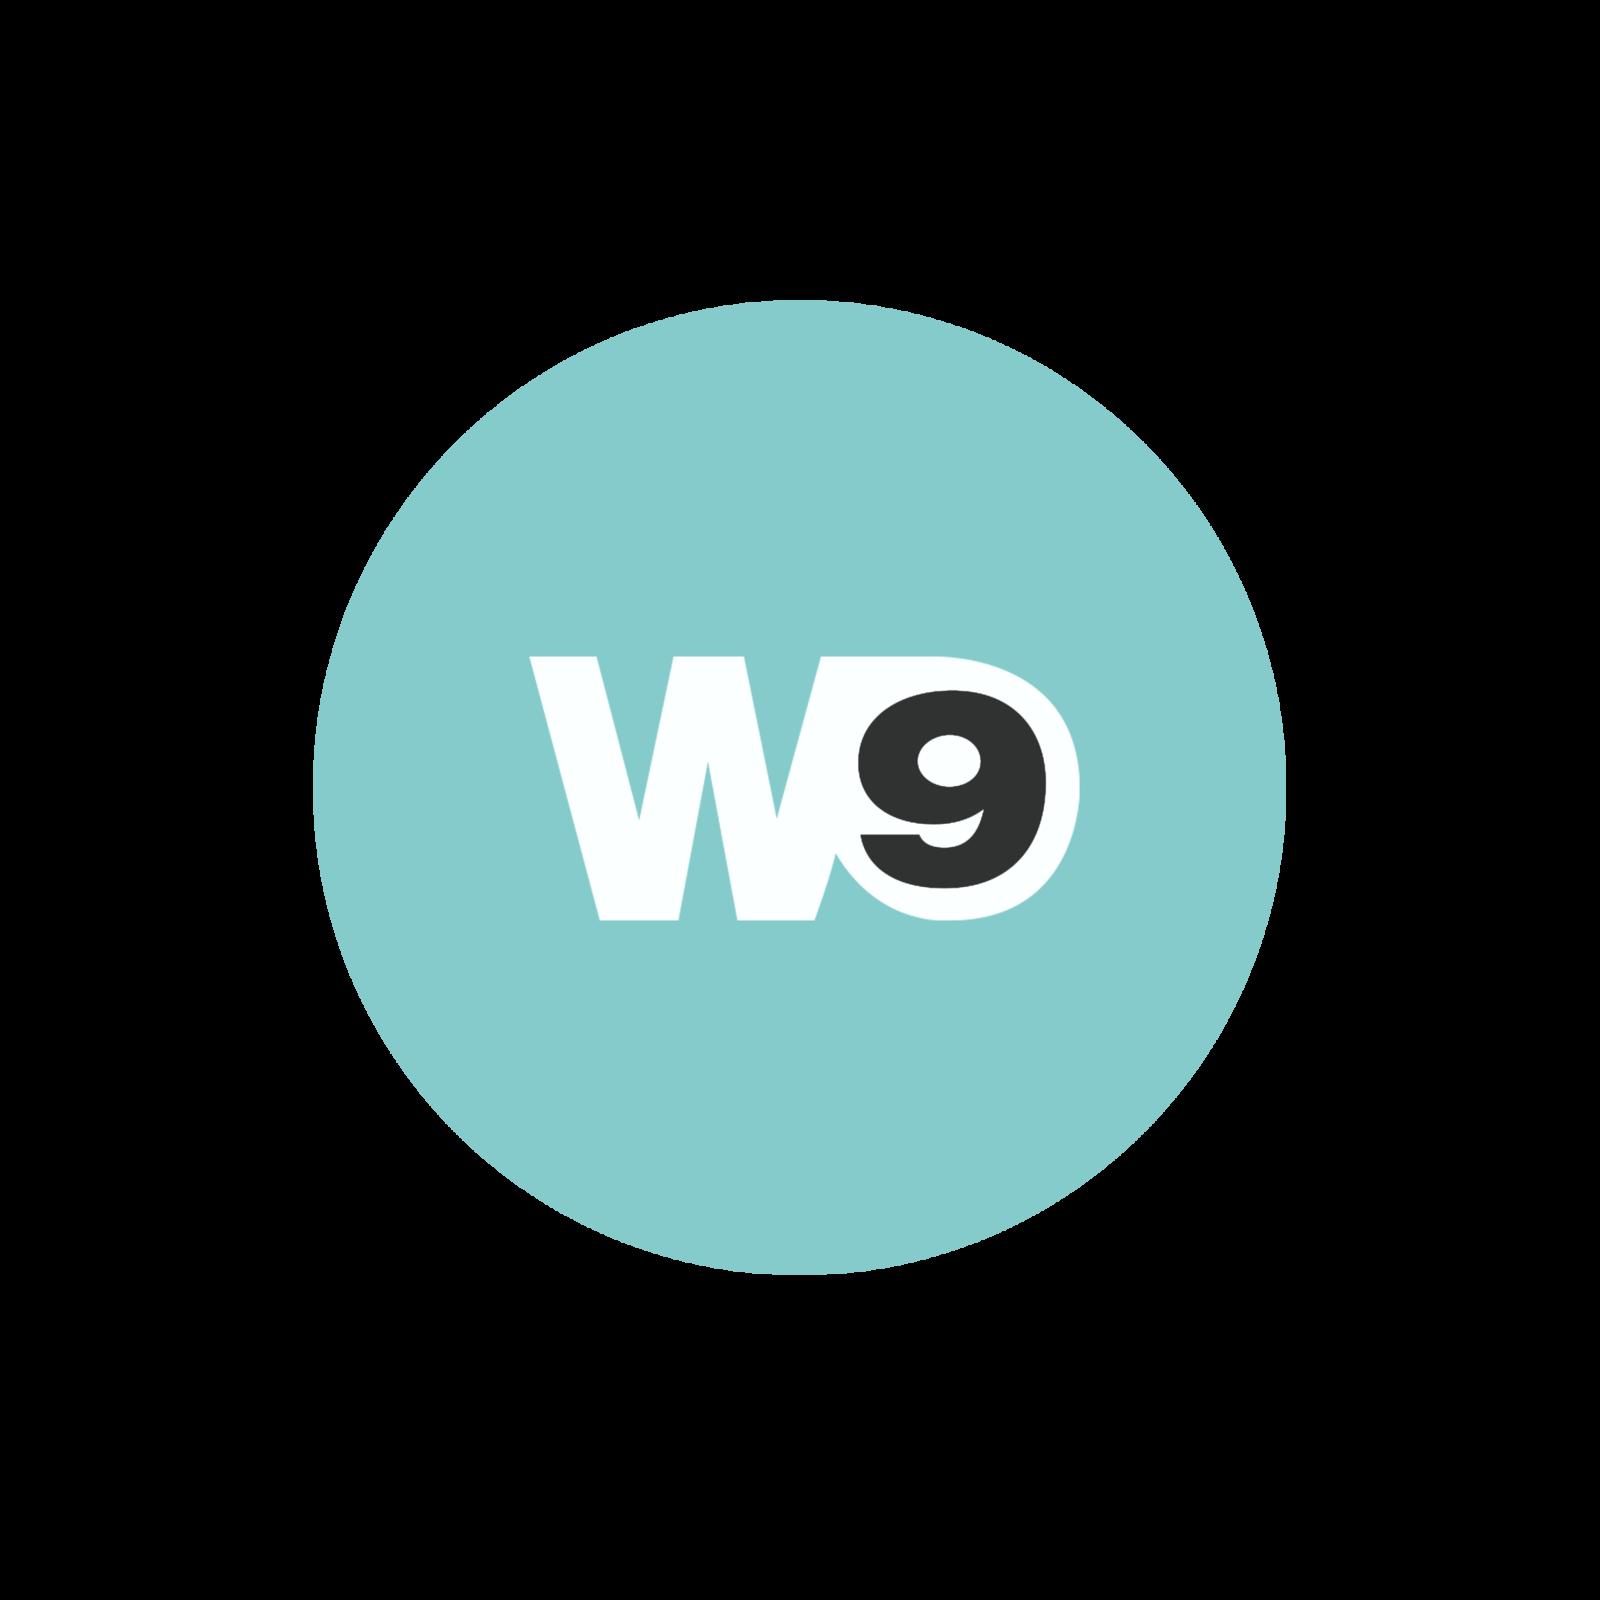 Nouvelle identité visuelle et sonore pour W9 dès le 19 novembre (vidéo).